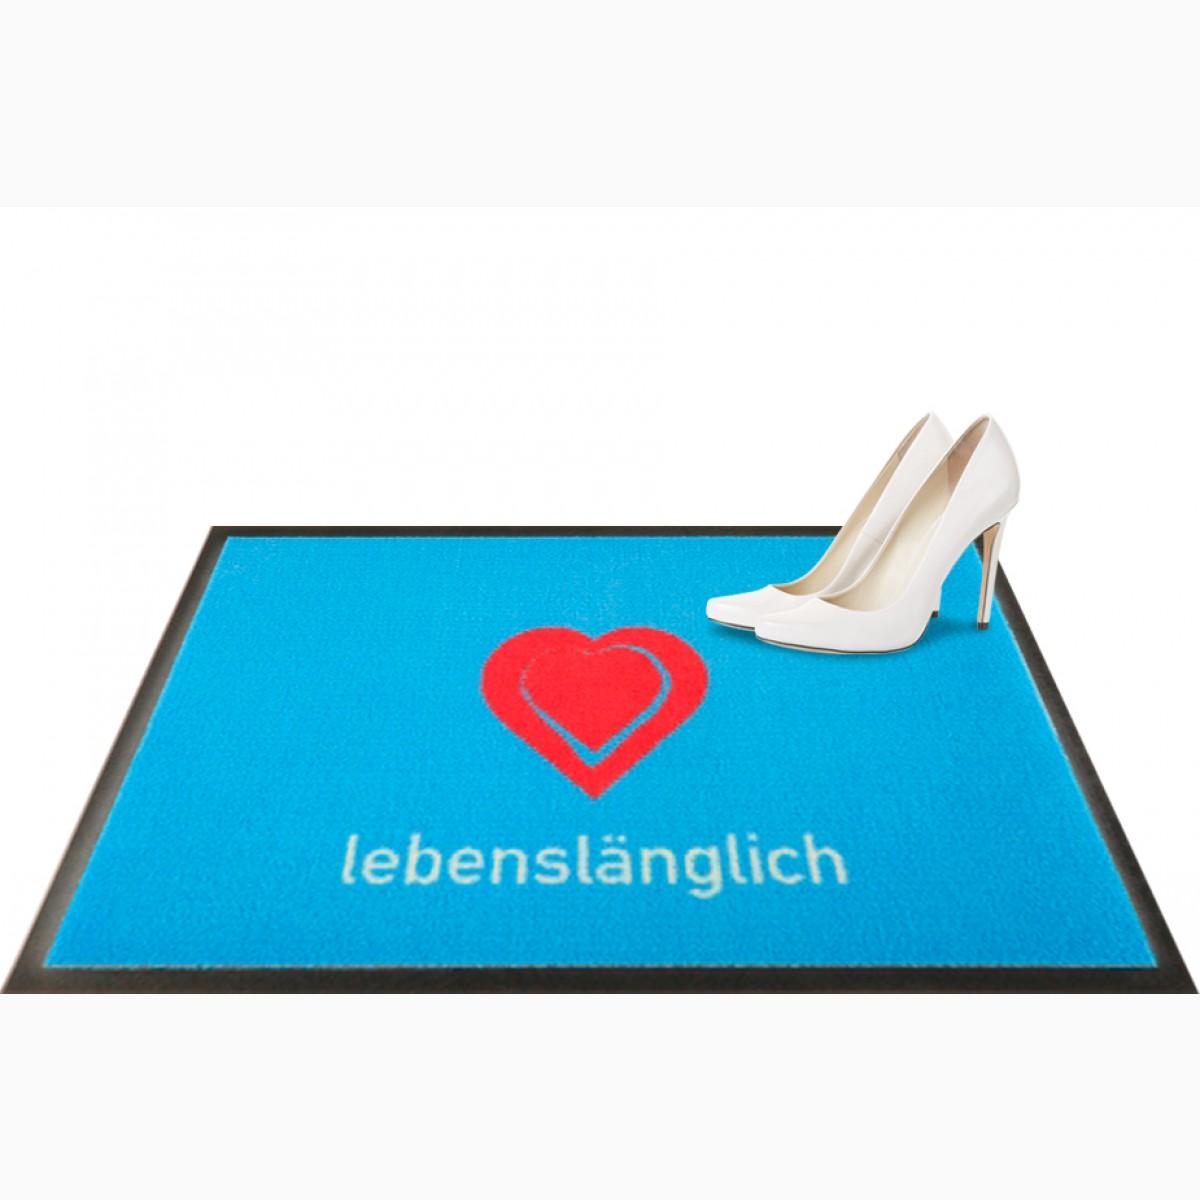 Fußmatte lebenslänglich Situation